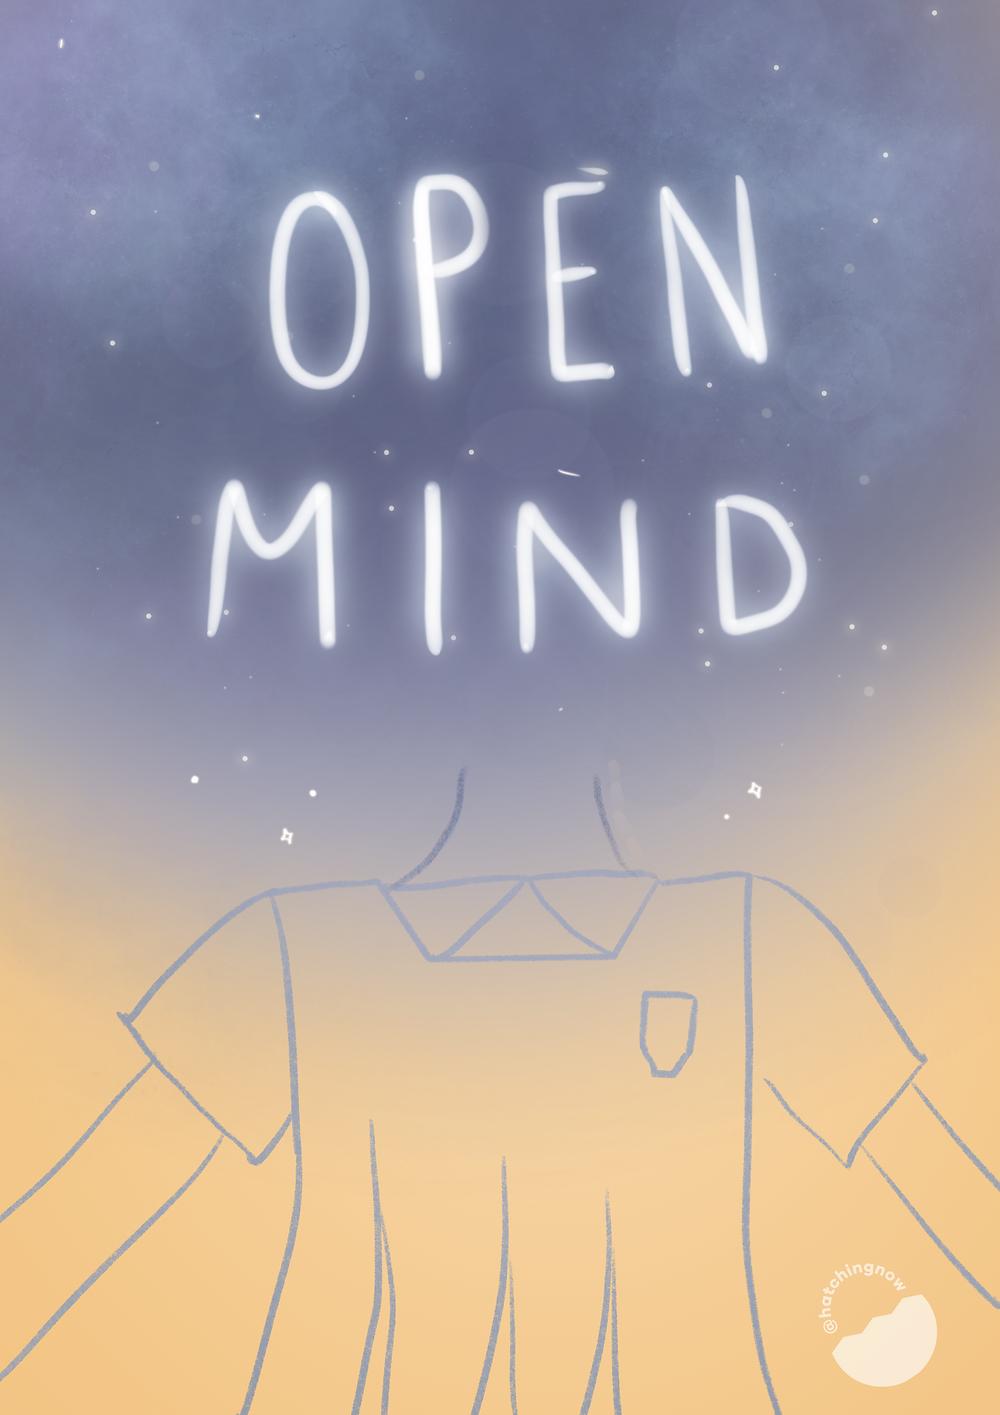 Keep an open mind